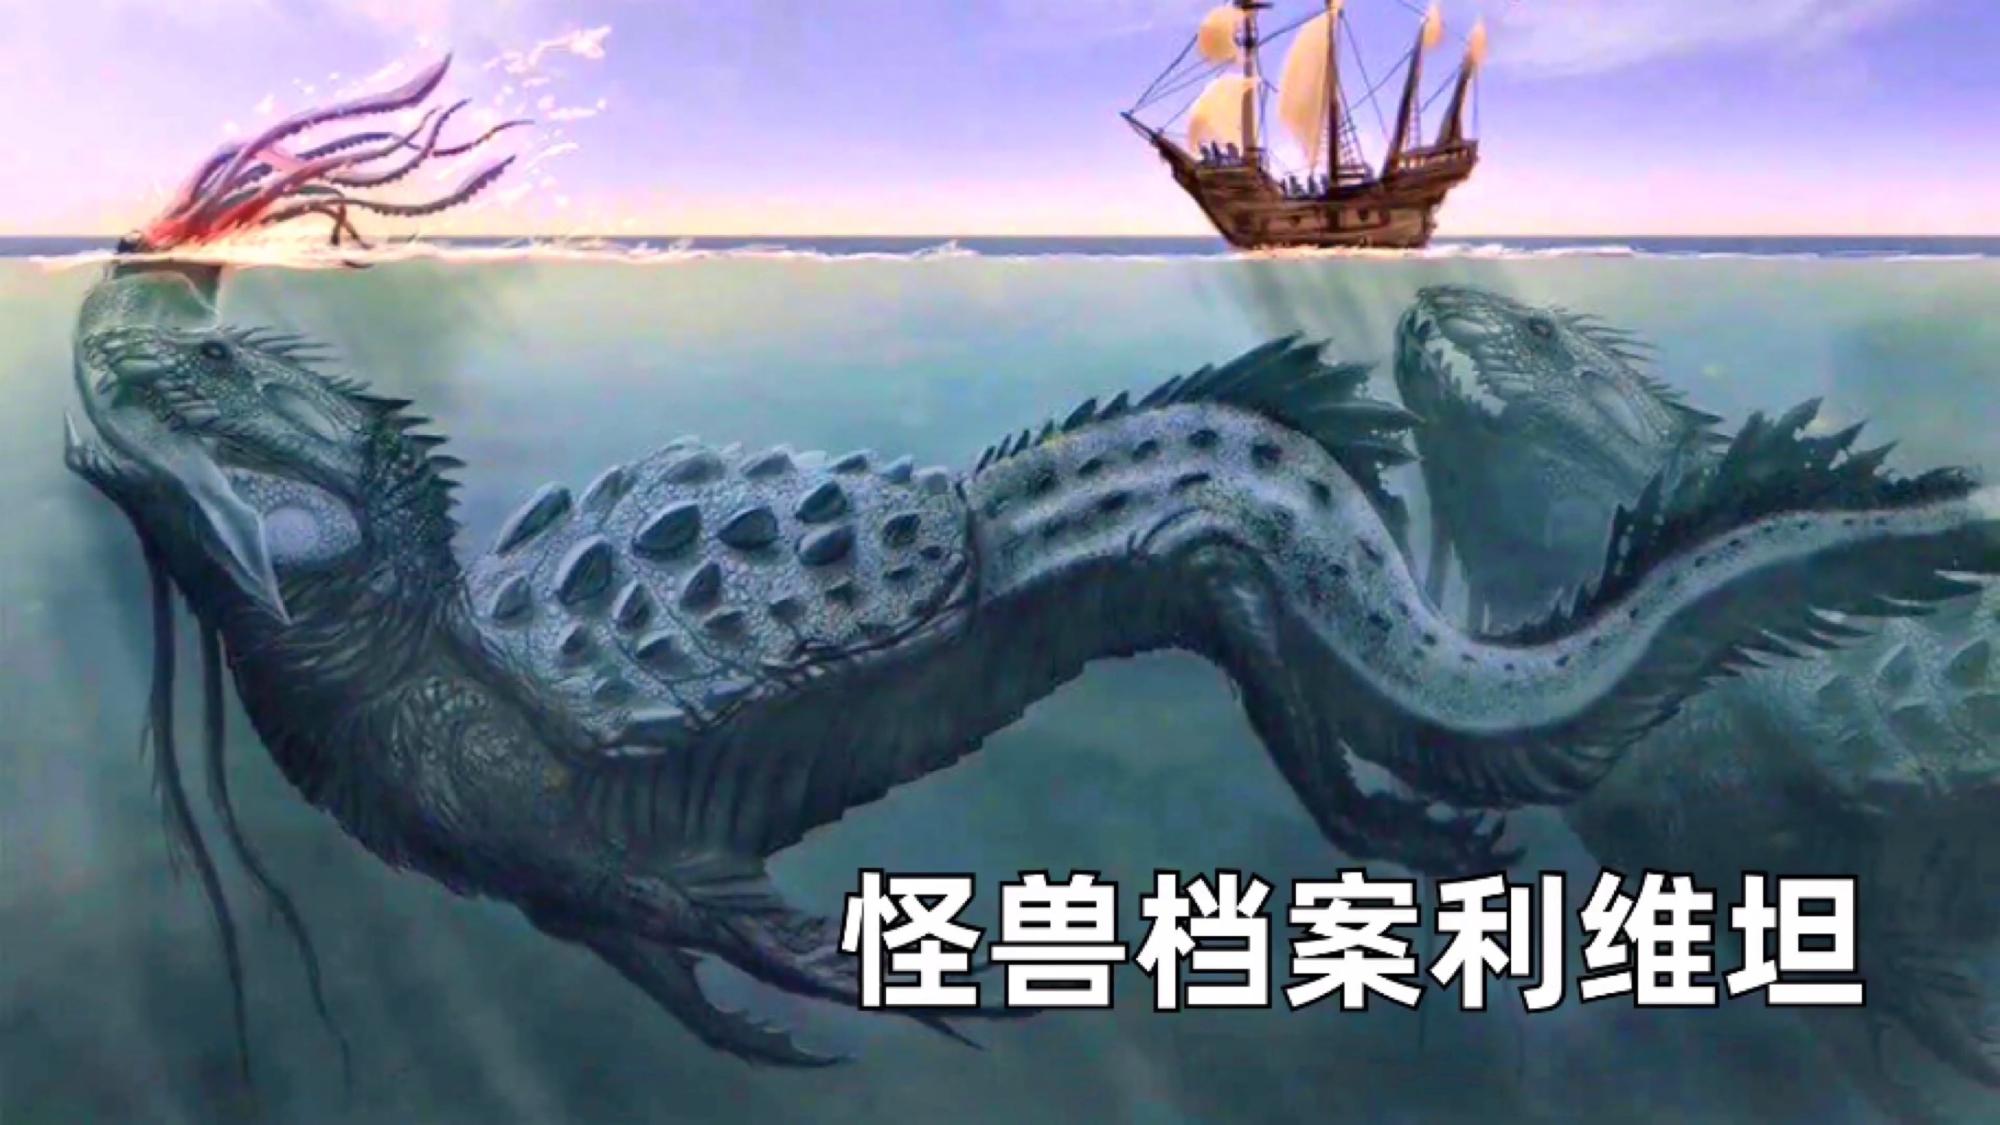 神话里的怪兽是怎样的,克拉肯利维坦登场,哥斯拉5个水底巨兽